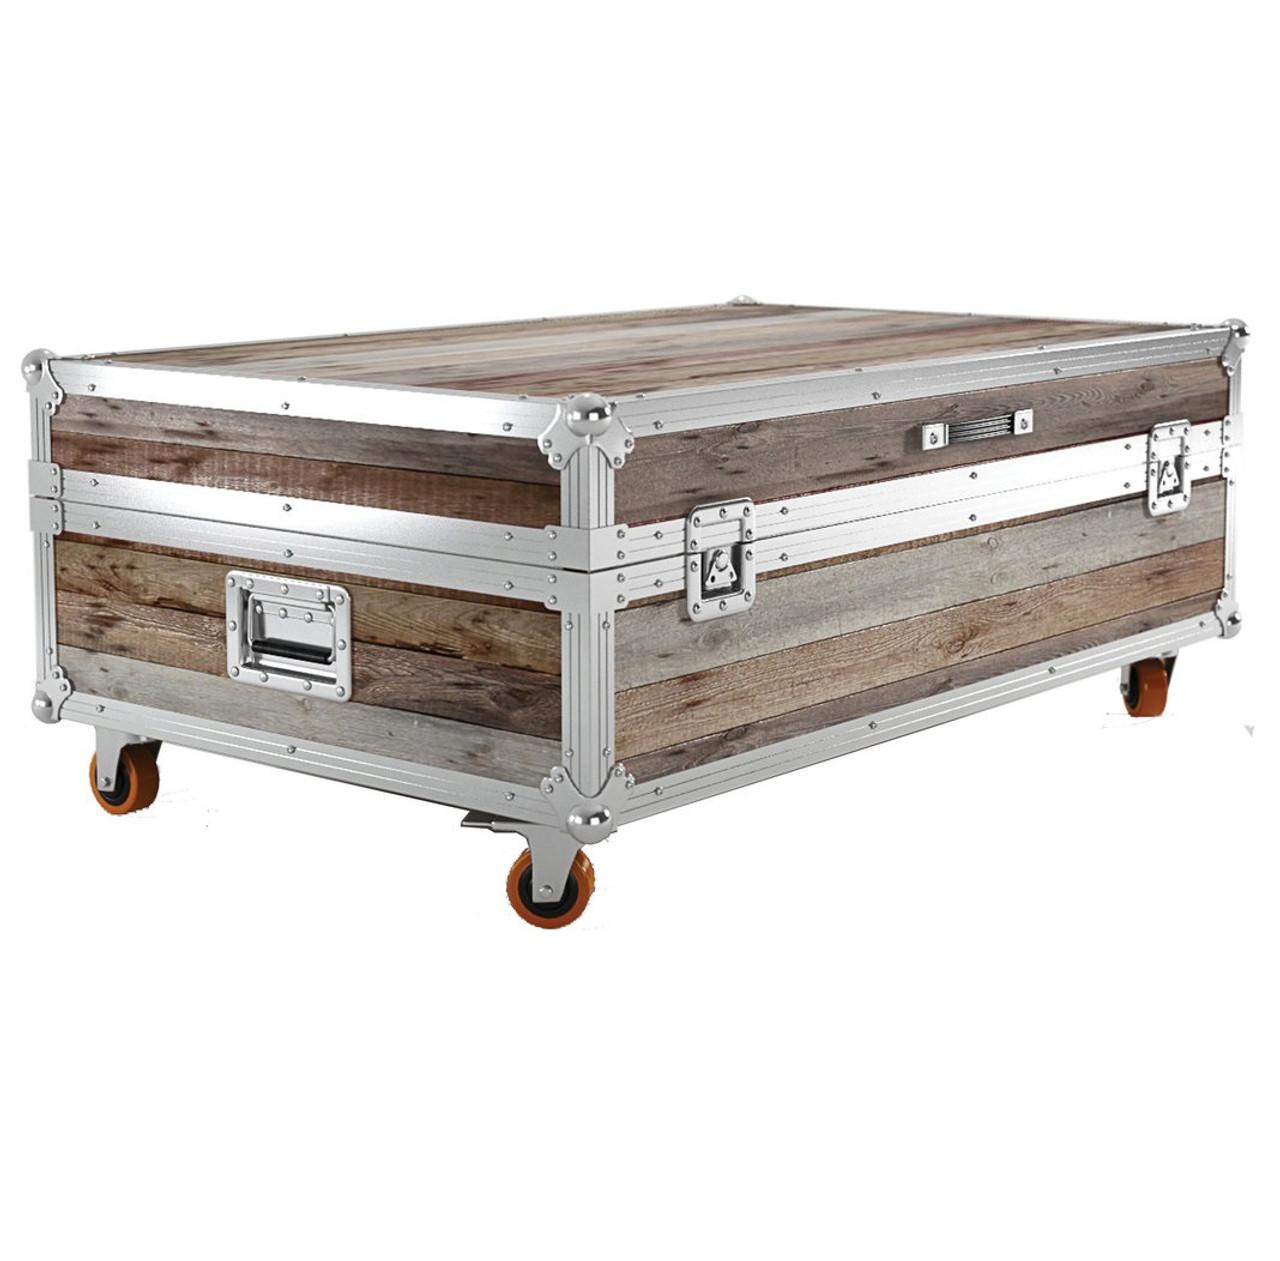 Industrial reclaimed teak wood large trunk coffee table for Large reclaimed wood coffee table